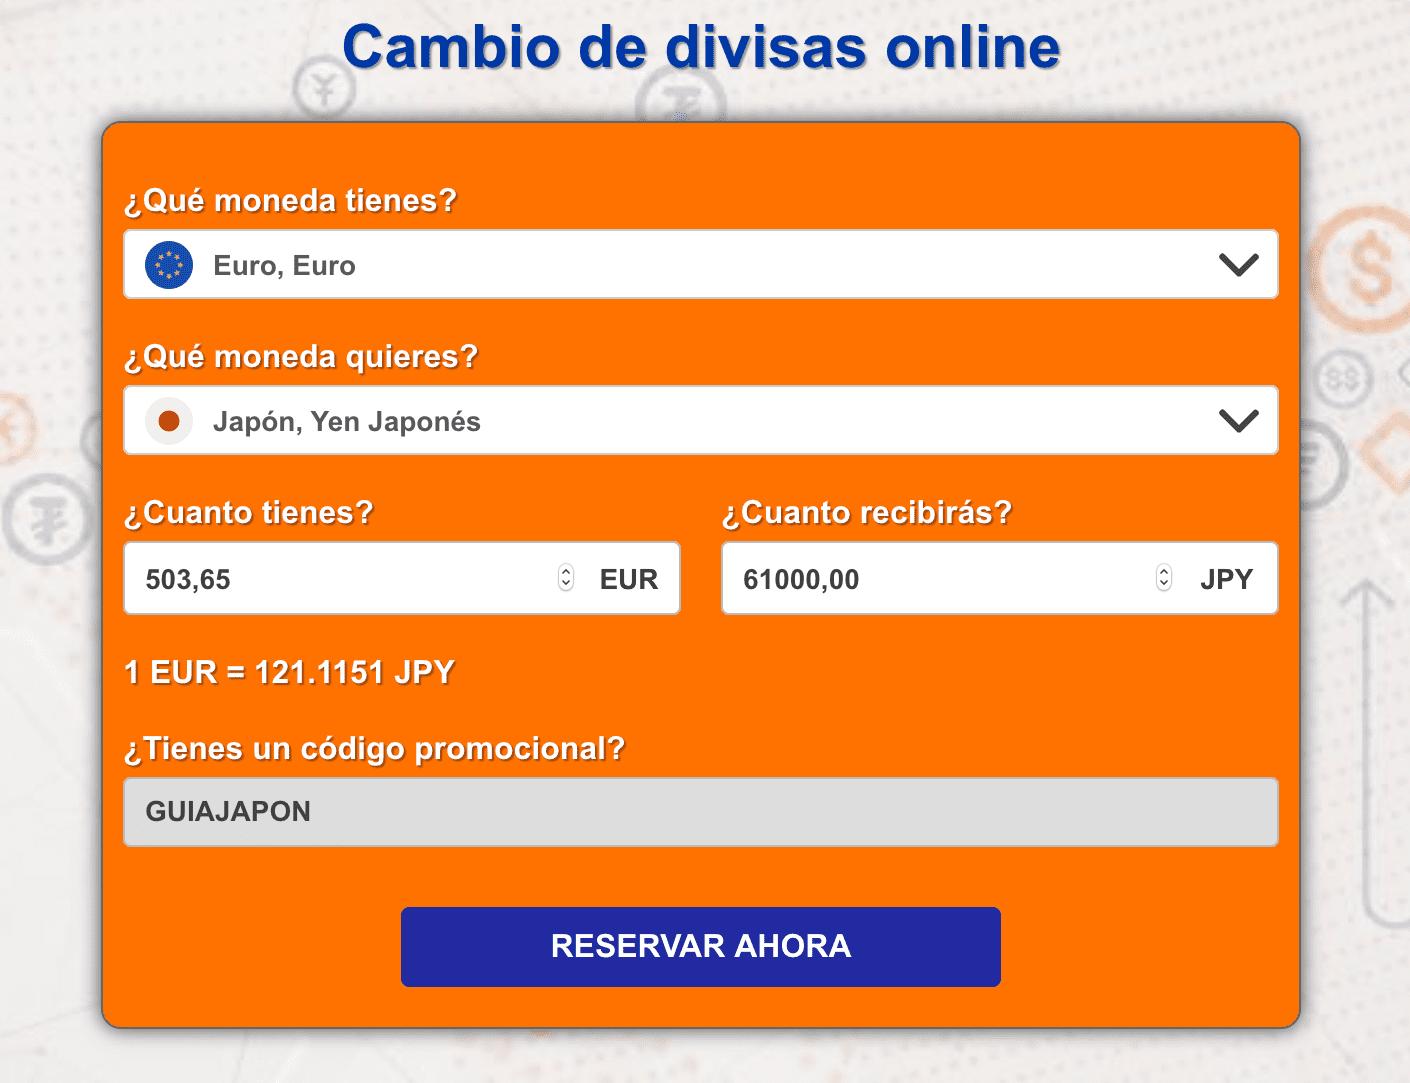 Cambio de divisas online: Ría Cambio de Divisas